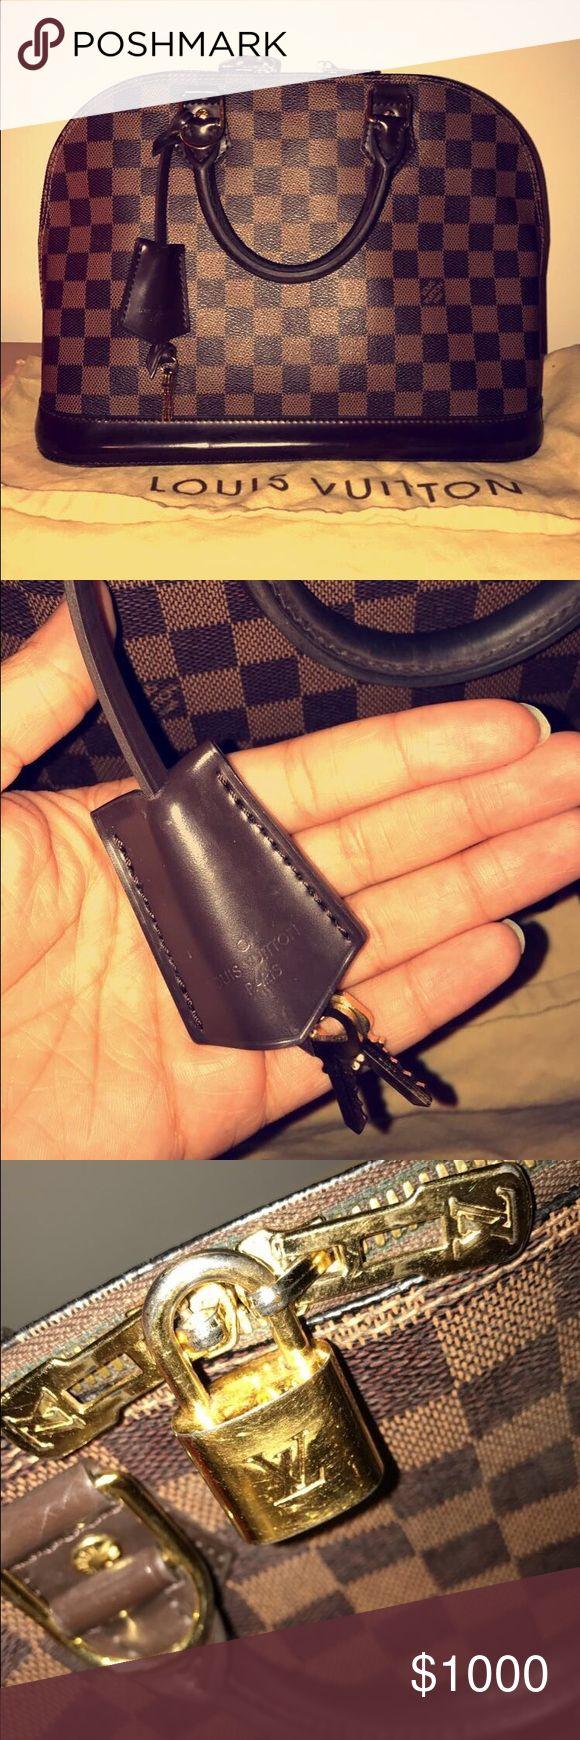 Louis Vuitton Alma Damier NM Authentic Louis Vuitton Alma Damier NM (Can provide receipt) Dust bag included *minor wear Louis Vuitton Bags